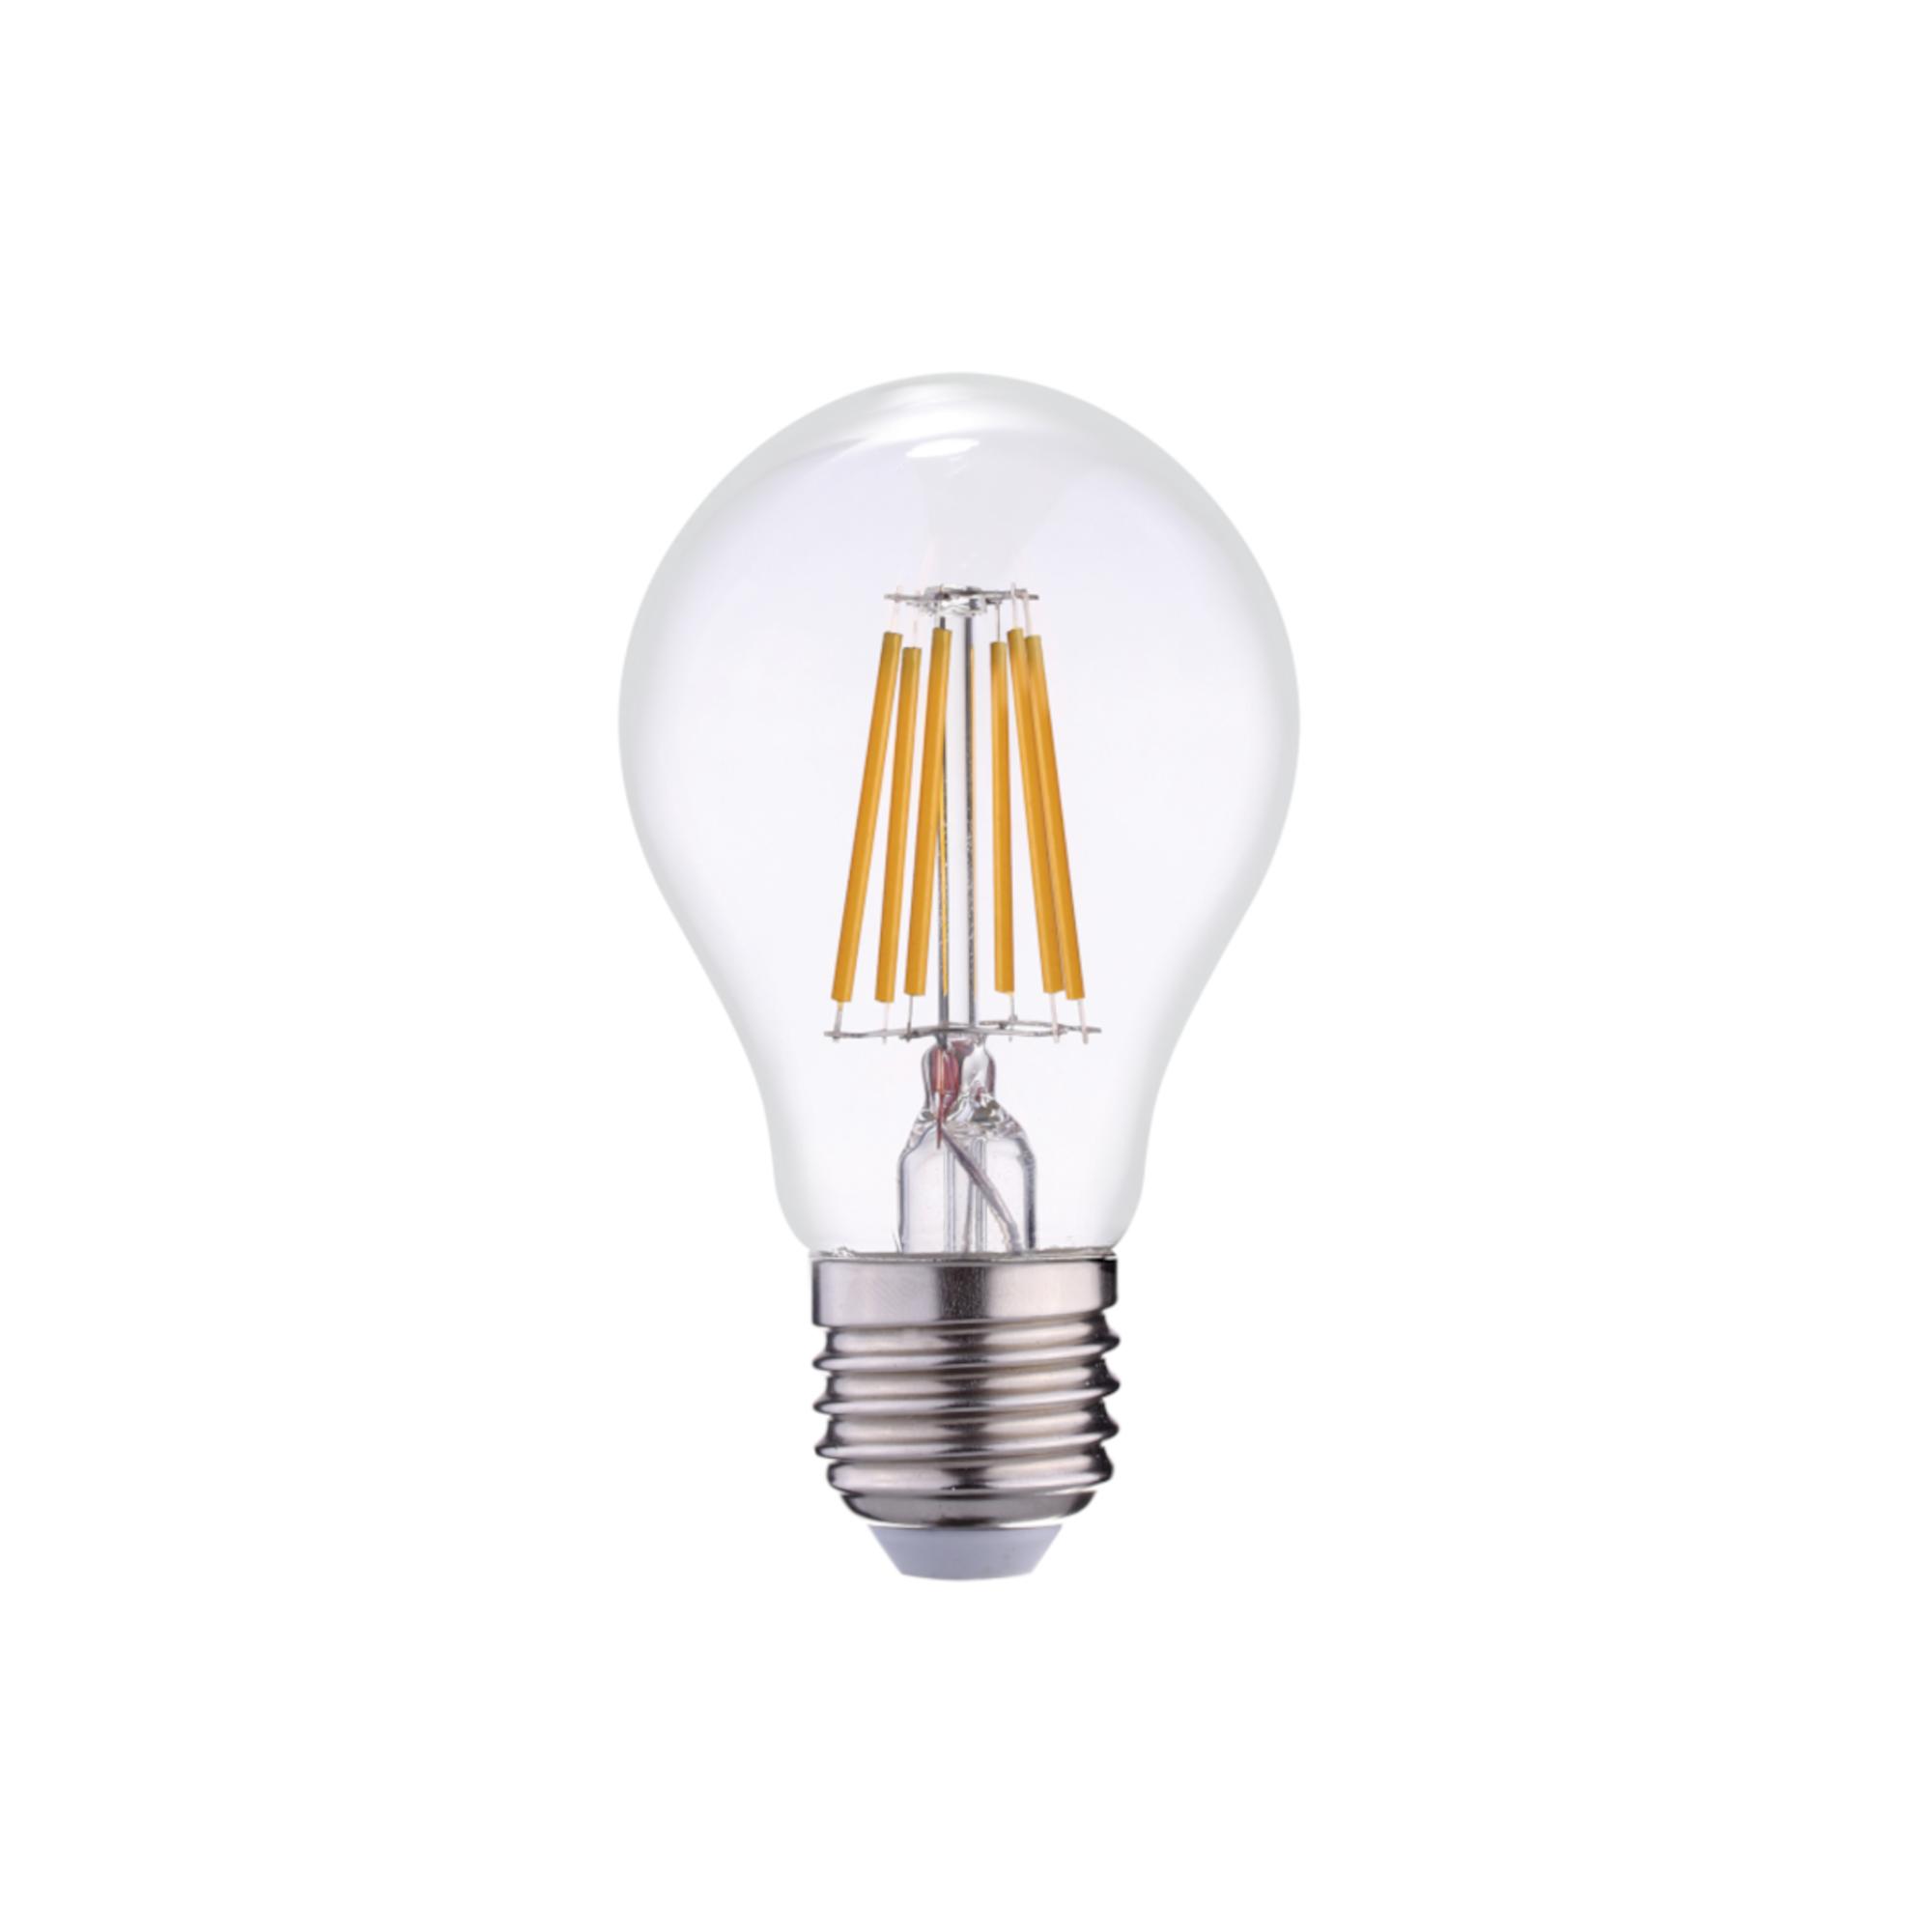 Светодиодная лампочка Фотон 23409 E27 860 Лм 6 Вт